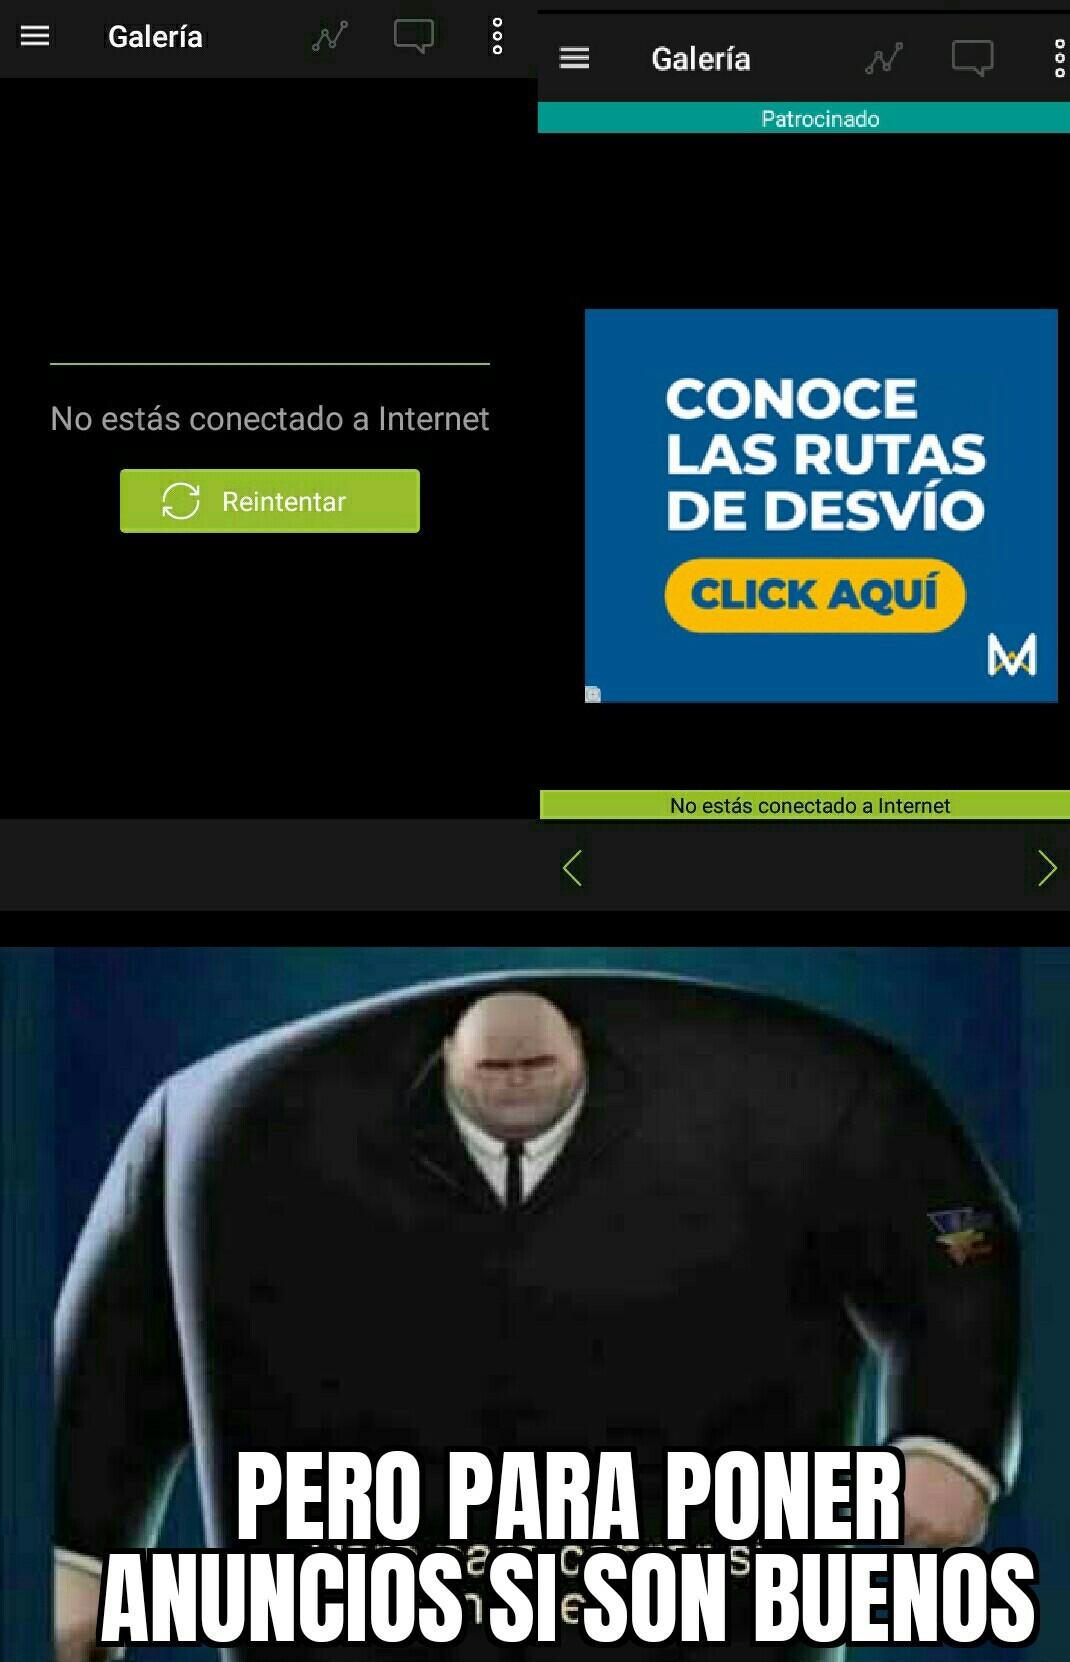 Memes no hay, pero anuncios sobran :deskflip: